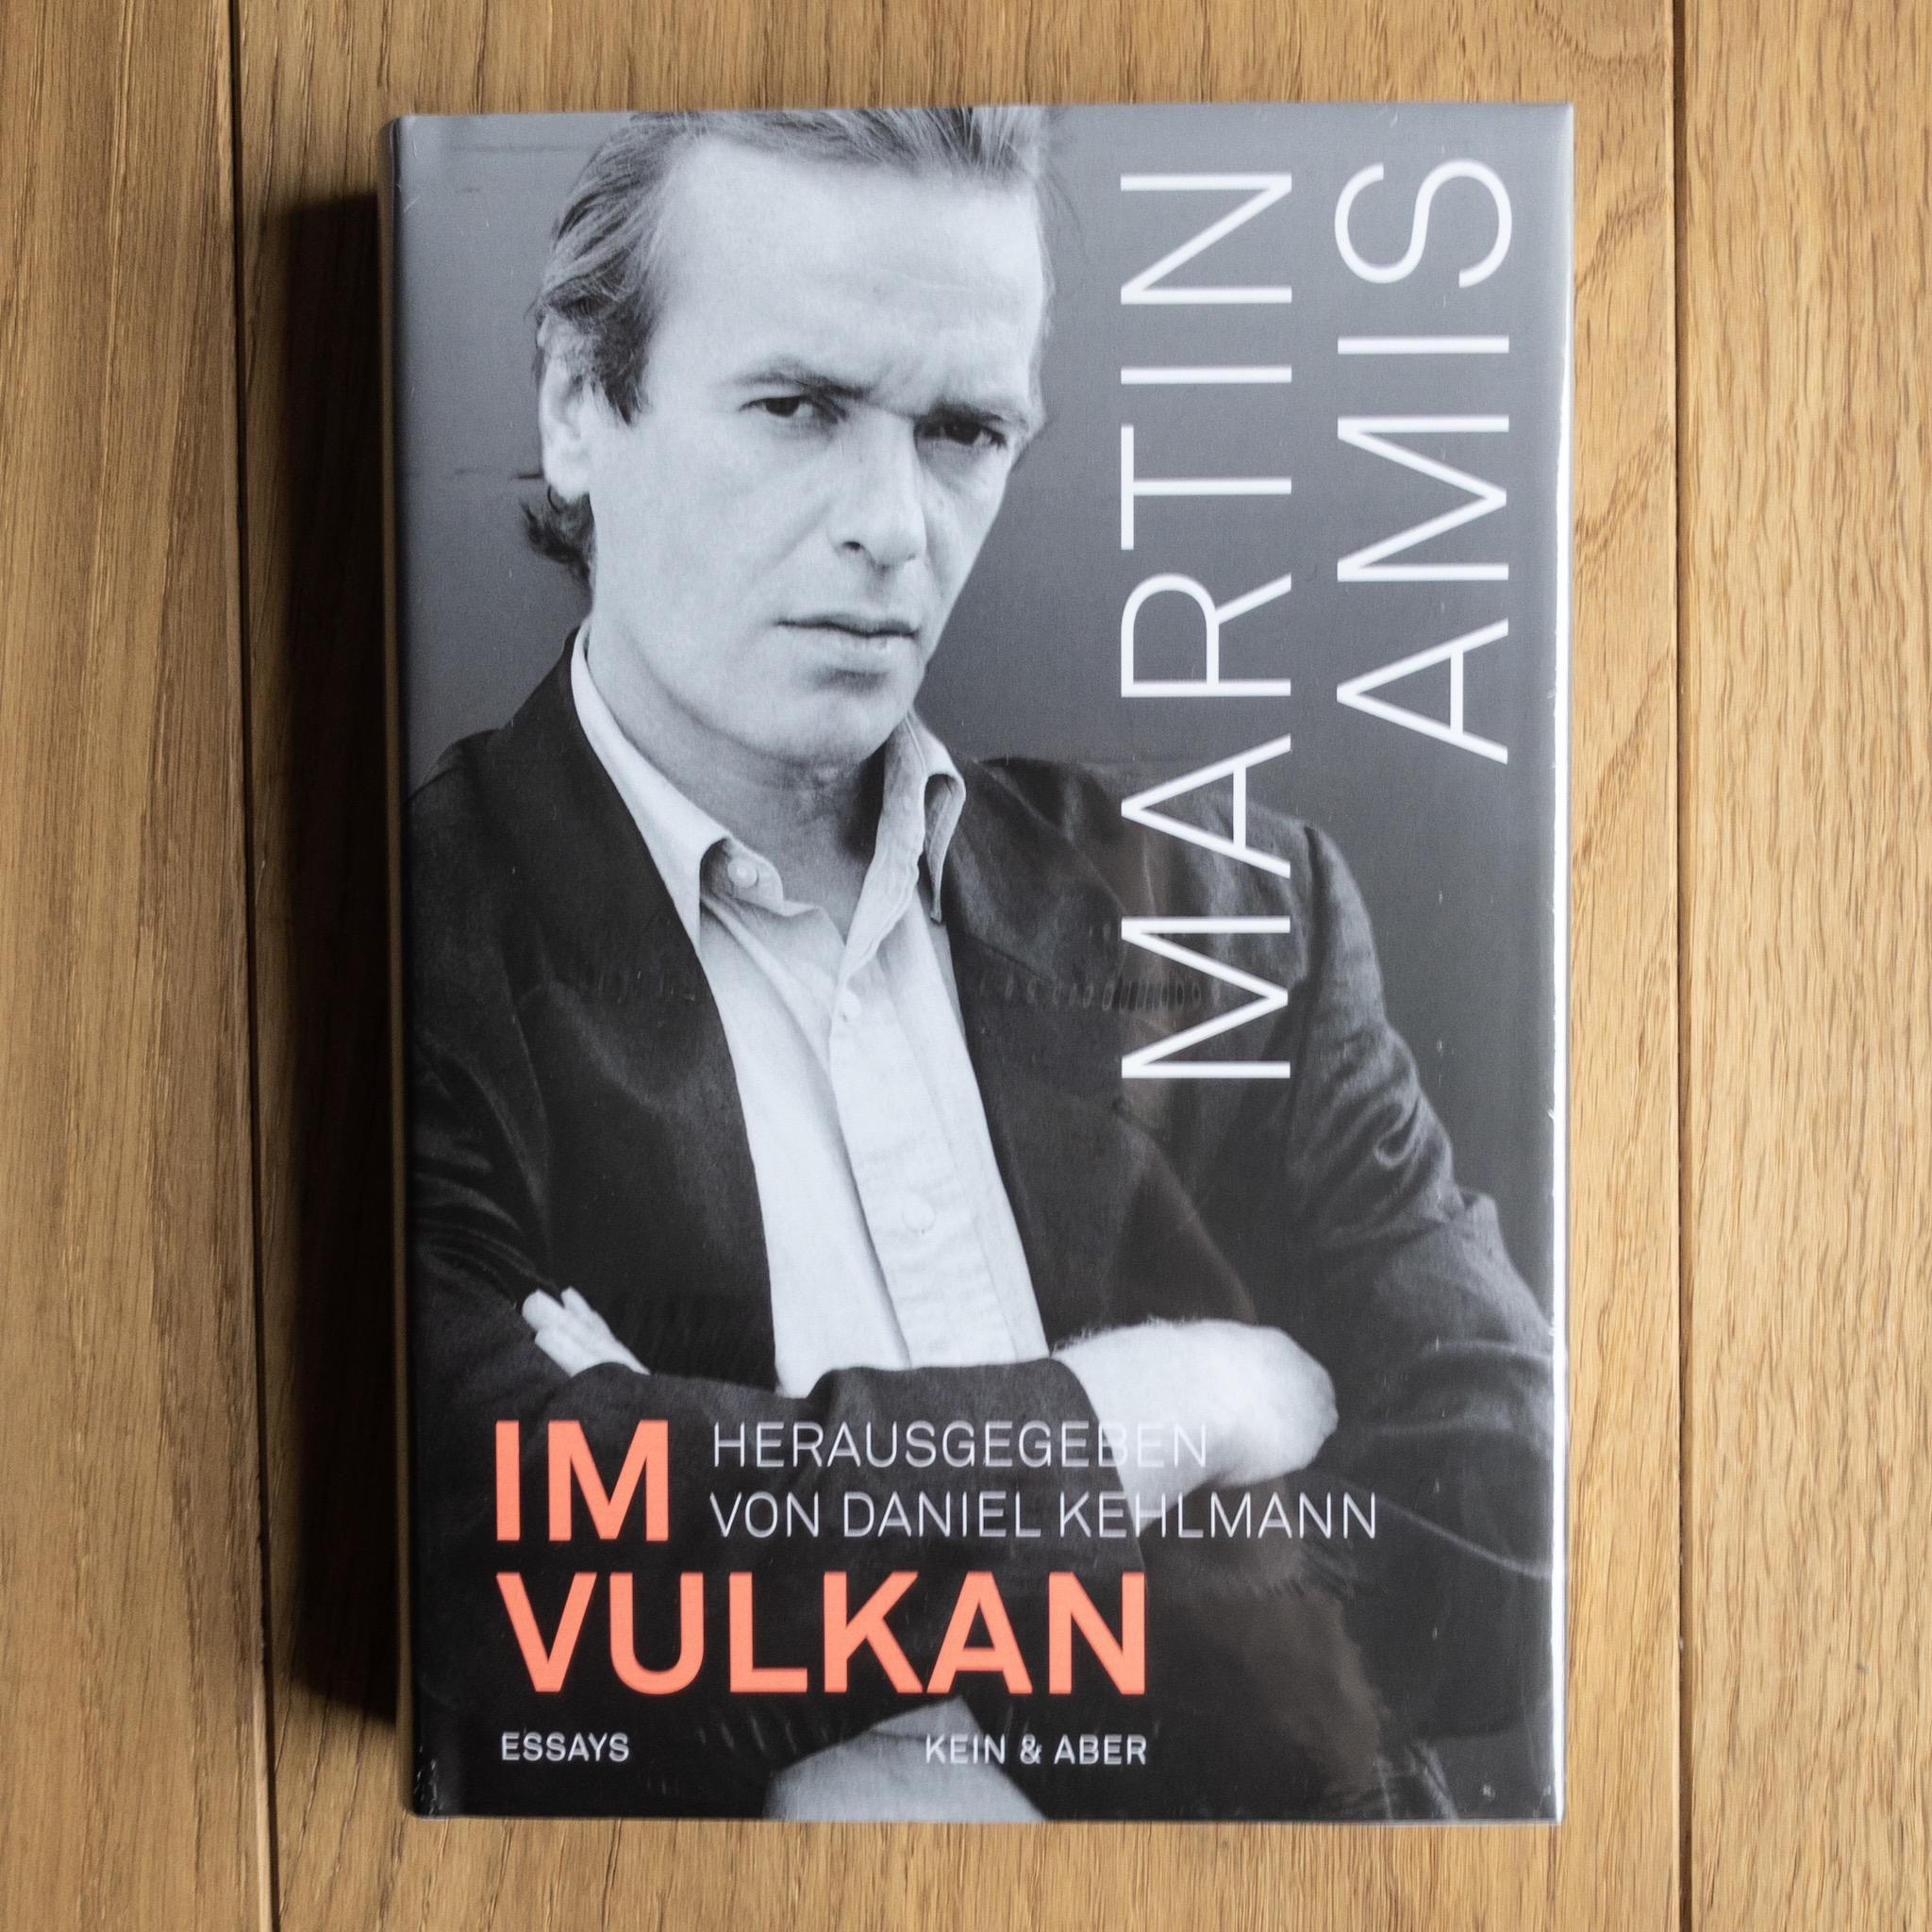 Martin Amis,  Im Vulkan  (Zürich: Kein & Aber, 2018)